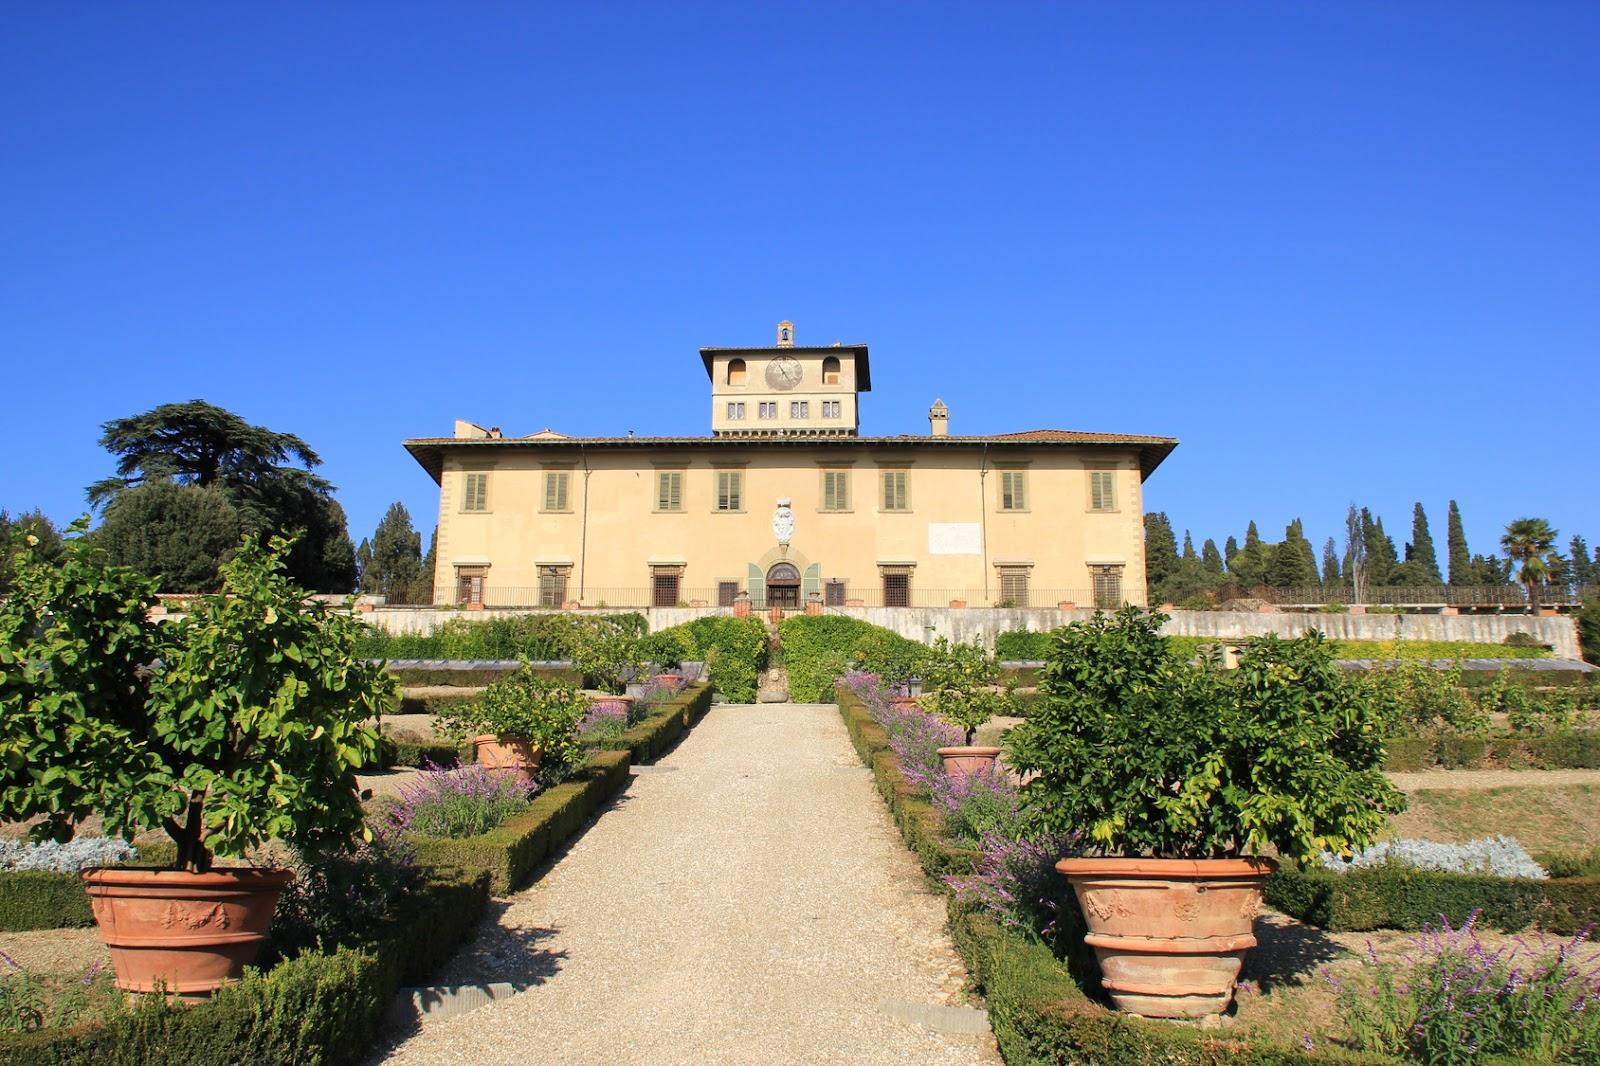 avv bell Villa Medici .jpg